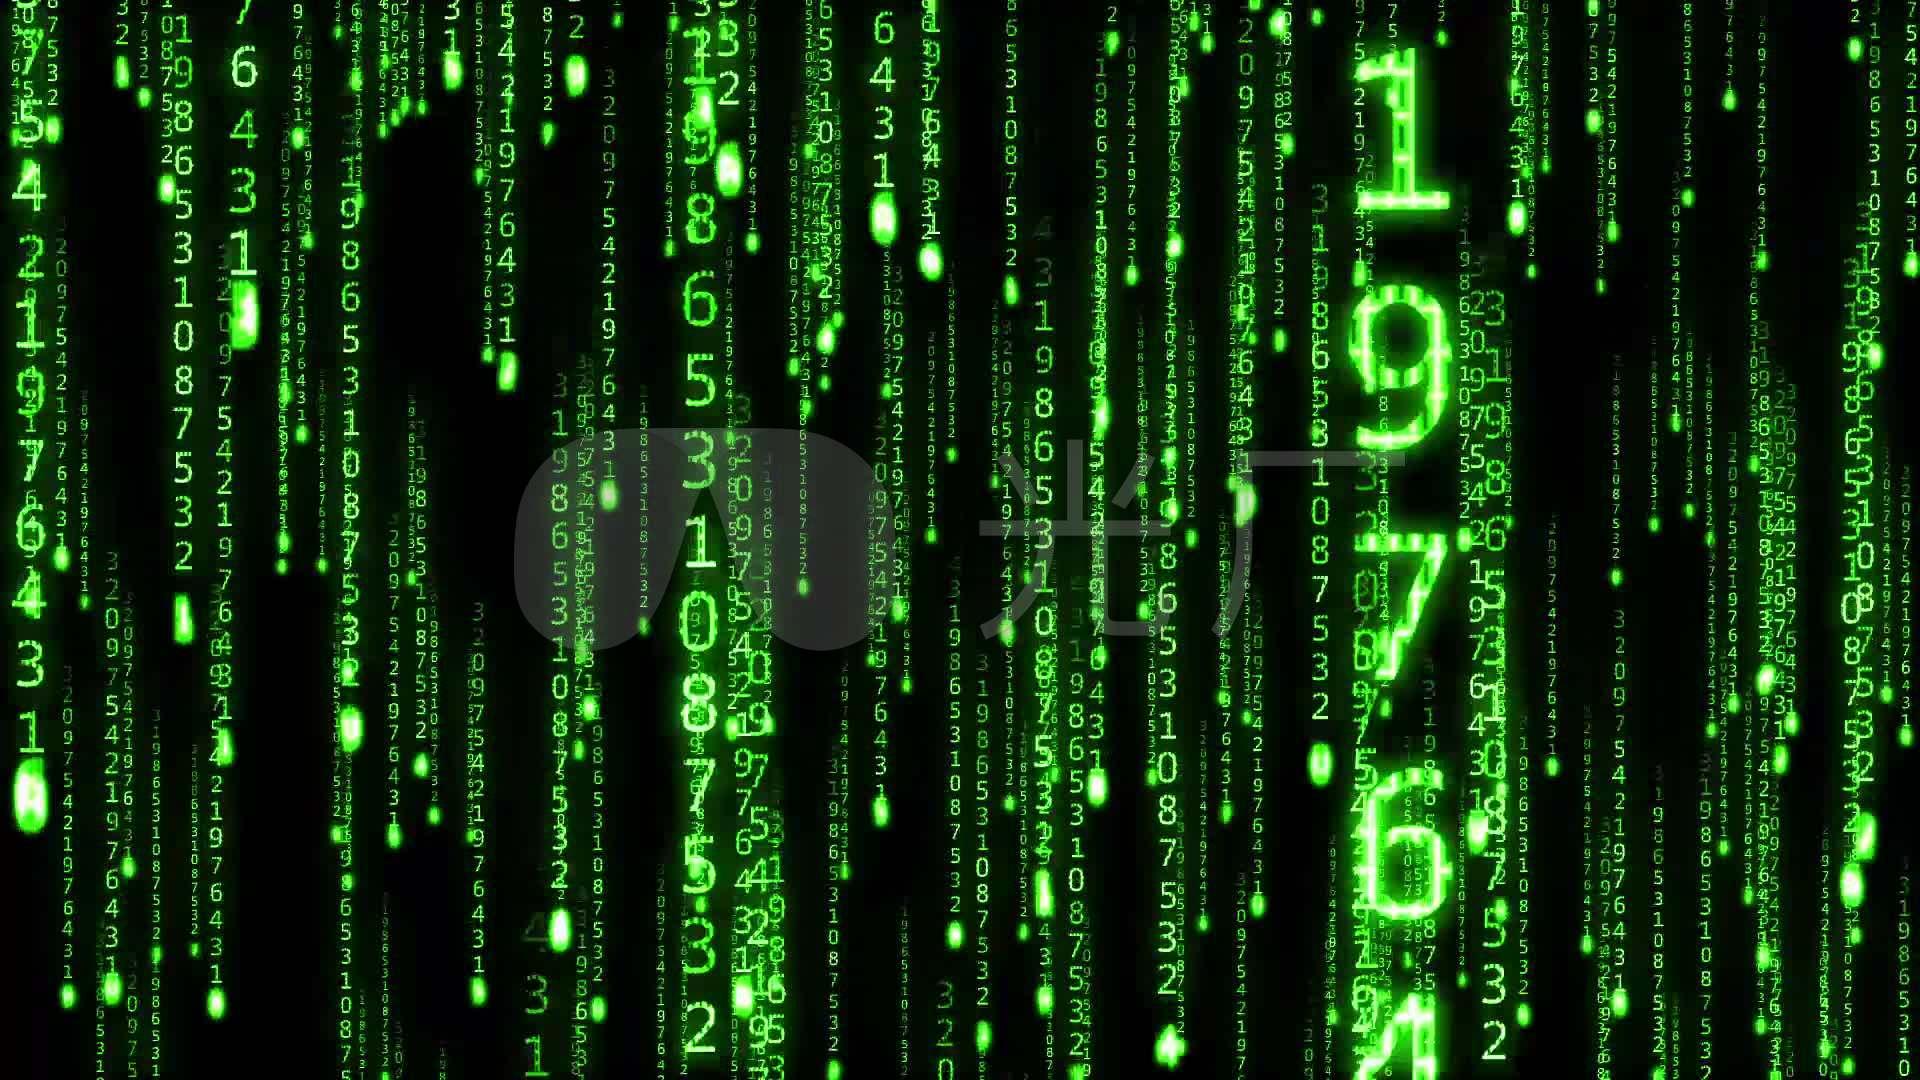 黑客帝国蓝色雨字幕流金色数字手工_1920X1教你用稻草绿色制作方法图片